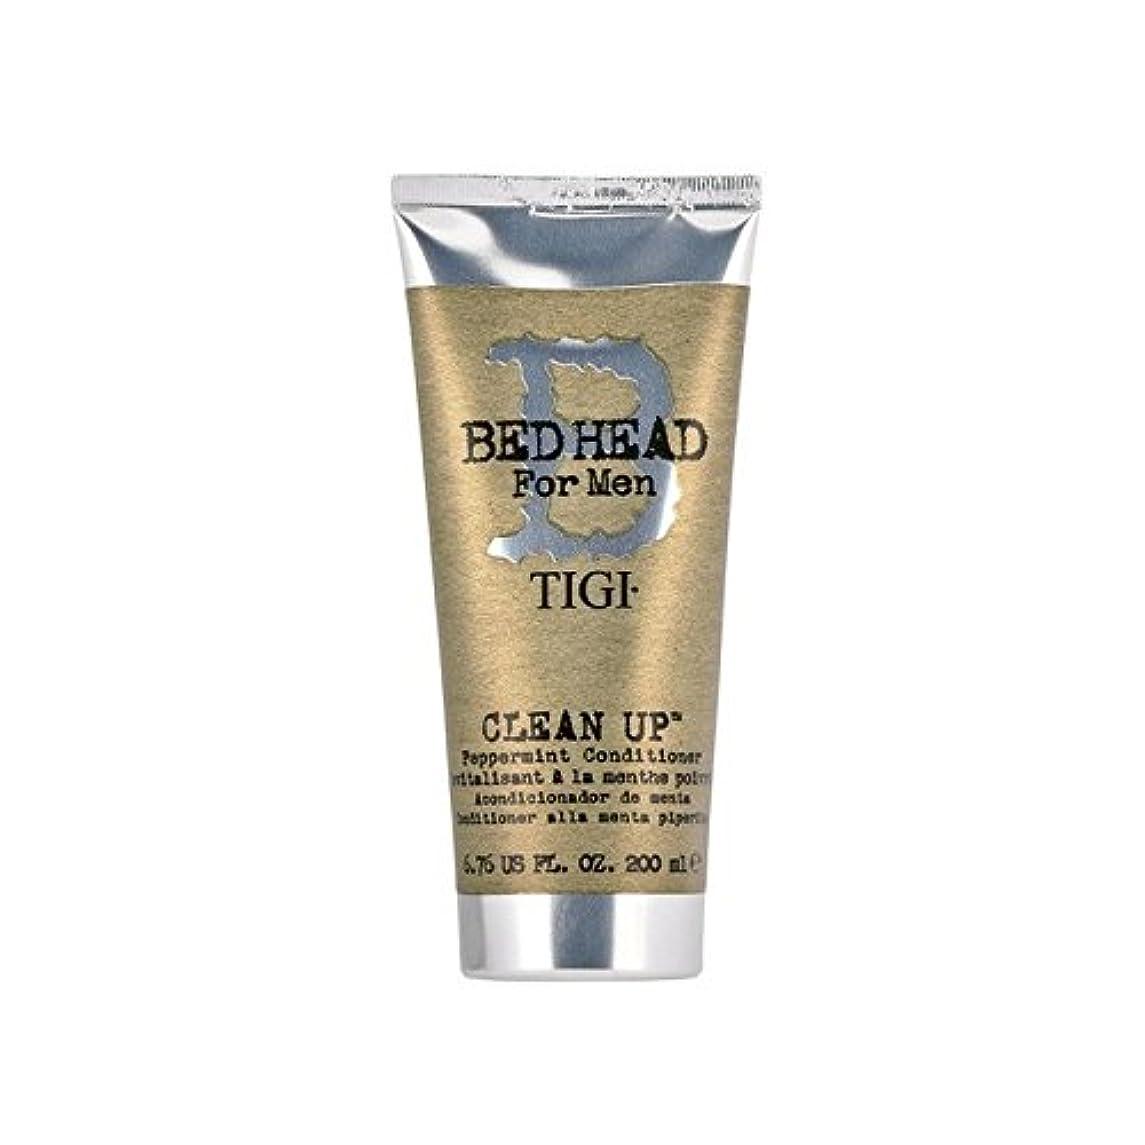 ダンプ領域メイトTigi Bed Head For Men Clean Up Peppermint Conditioner (200ml) - ペパーミントコンディショナーをクリーンアップする男性のためのティジーベッドヘッド(200ミリリットル...